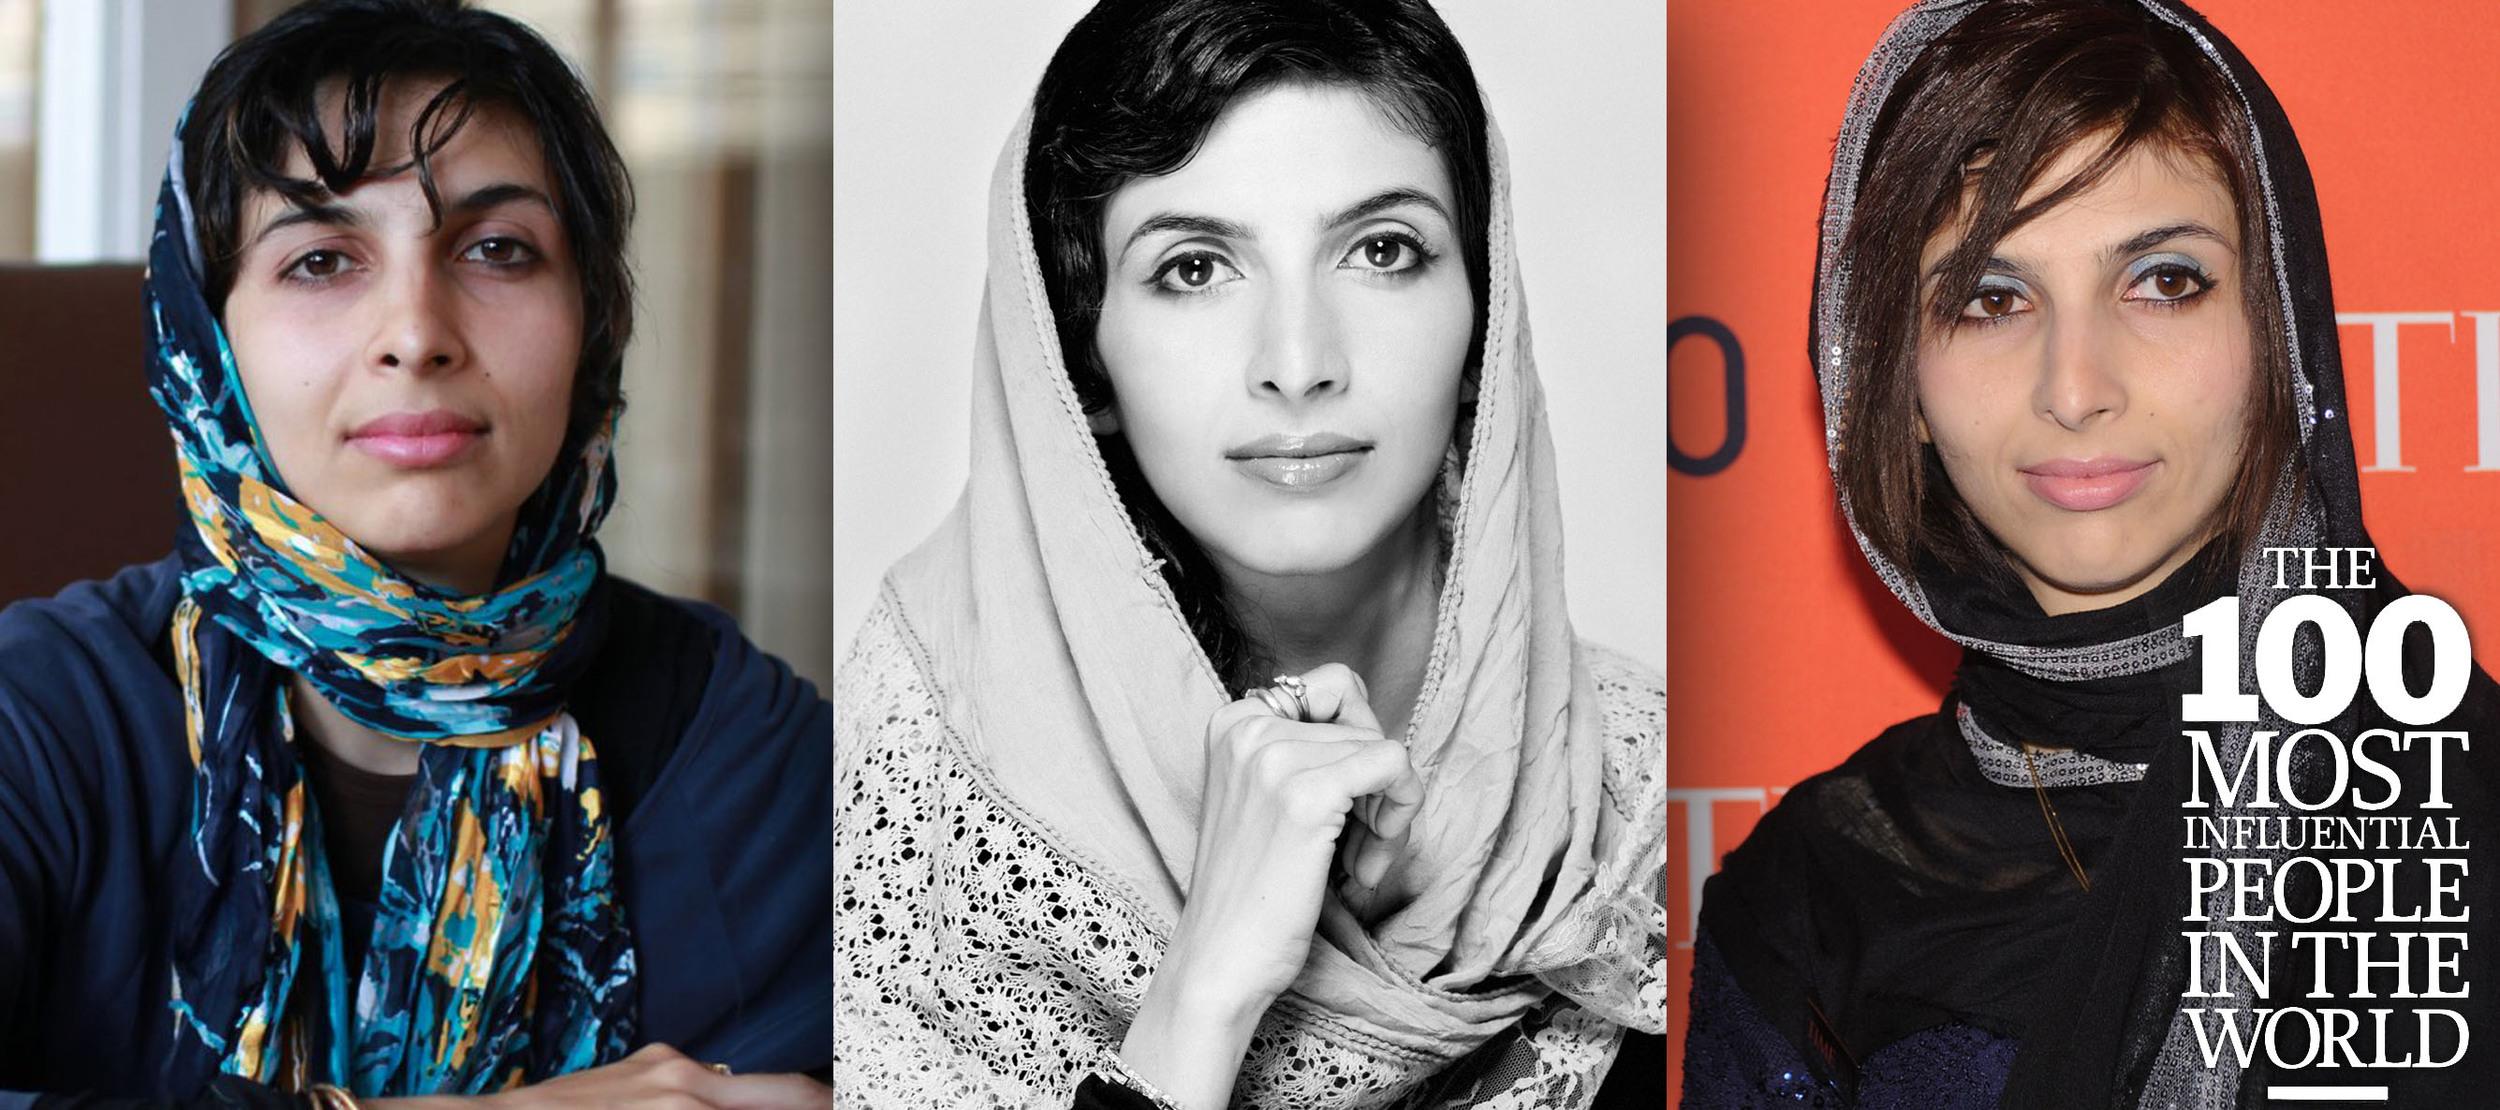 Roya Mahboob, afganistanska poduzetnica koju je Time Magazine odabrao za jednu od 100 najutjecajnijih ljudi na svijetu 2013. godine, osnivačica je i izvršna direktorica afganistanske kompjuterske kompanije Citadel i izvršna direktorica Digital Citizen Fund -a.